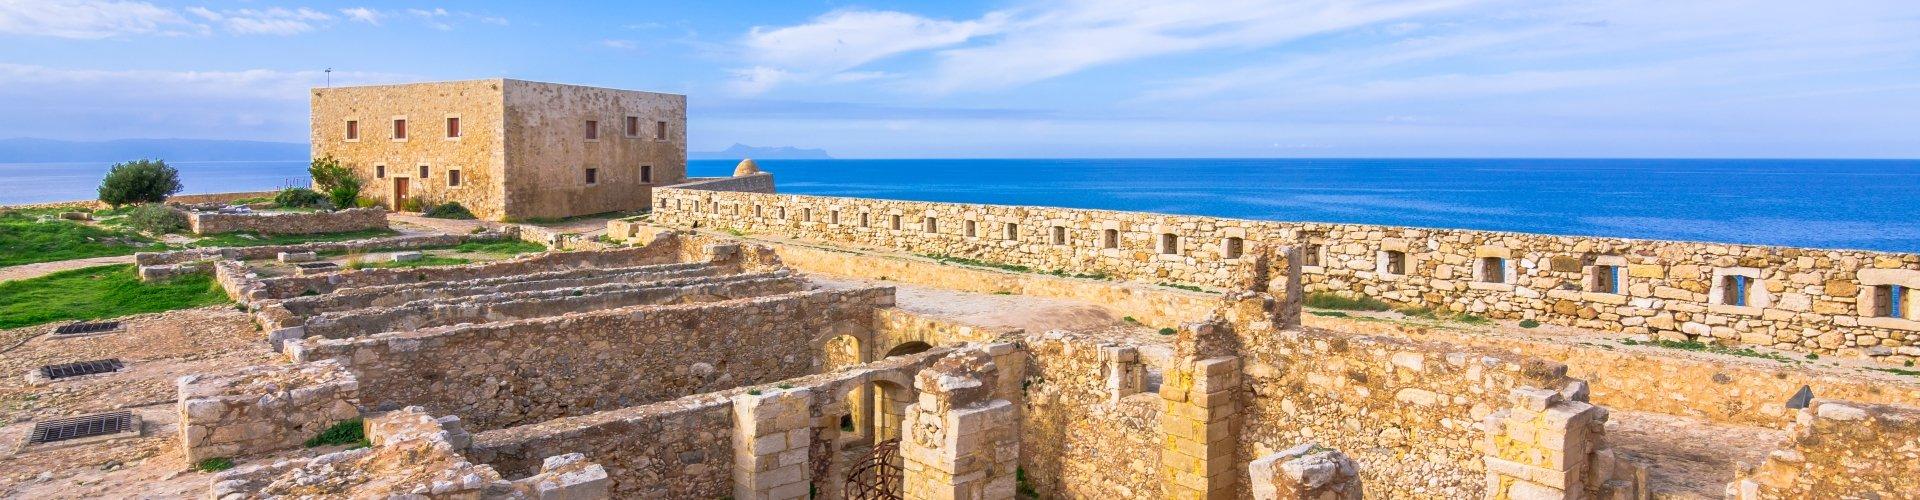 Ausflugsziel Fortezza Rethymnon